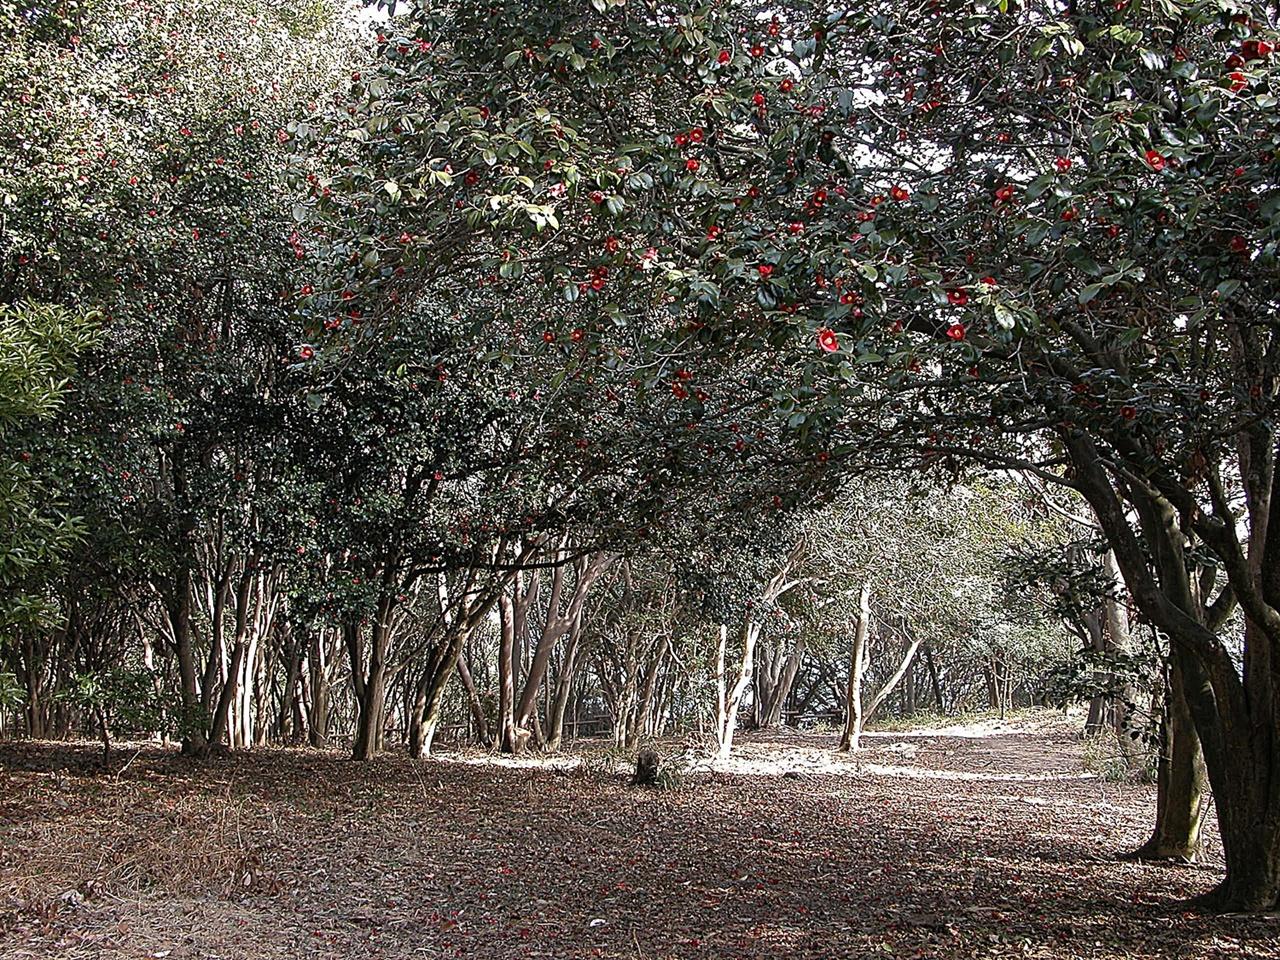 오동도 동백숲 3월 중순 절정기의 오동도 동백숲에는 나무와 땅바닥 모두에 붉은 빛이 가득하다.